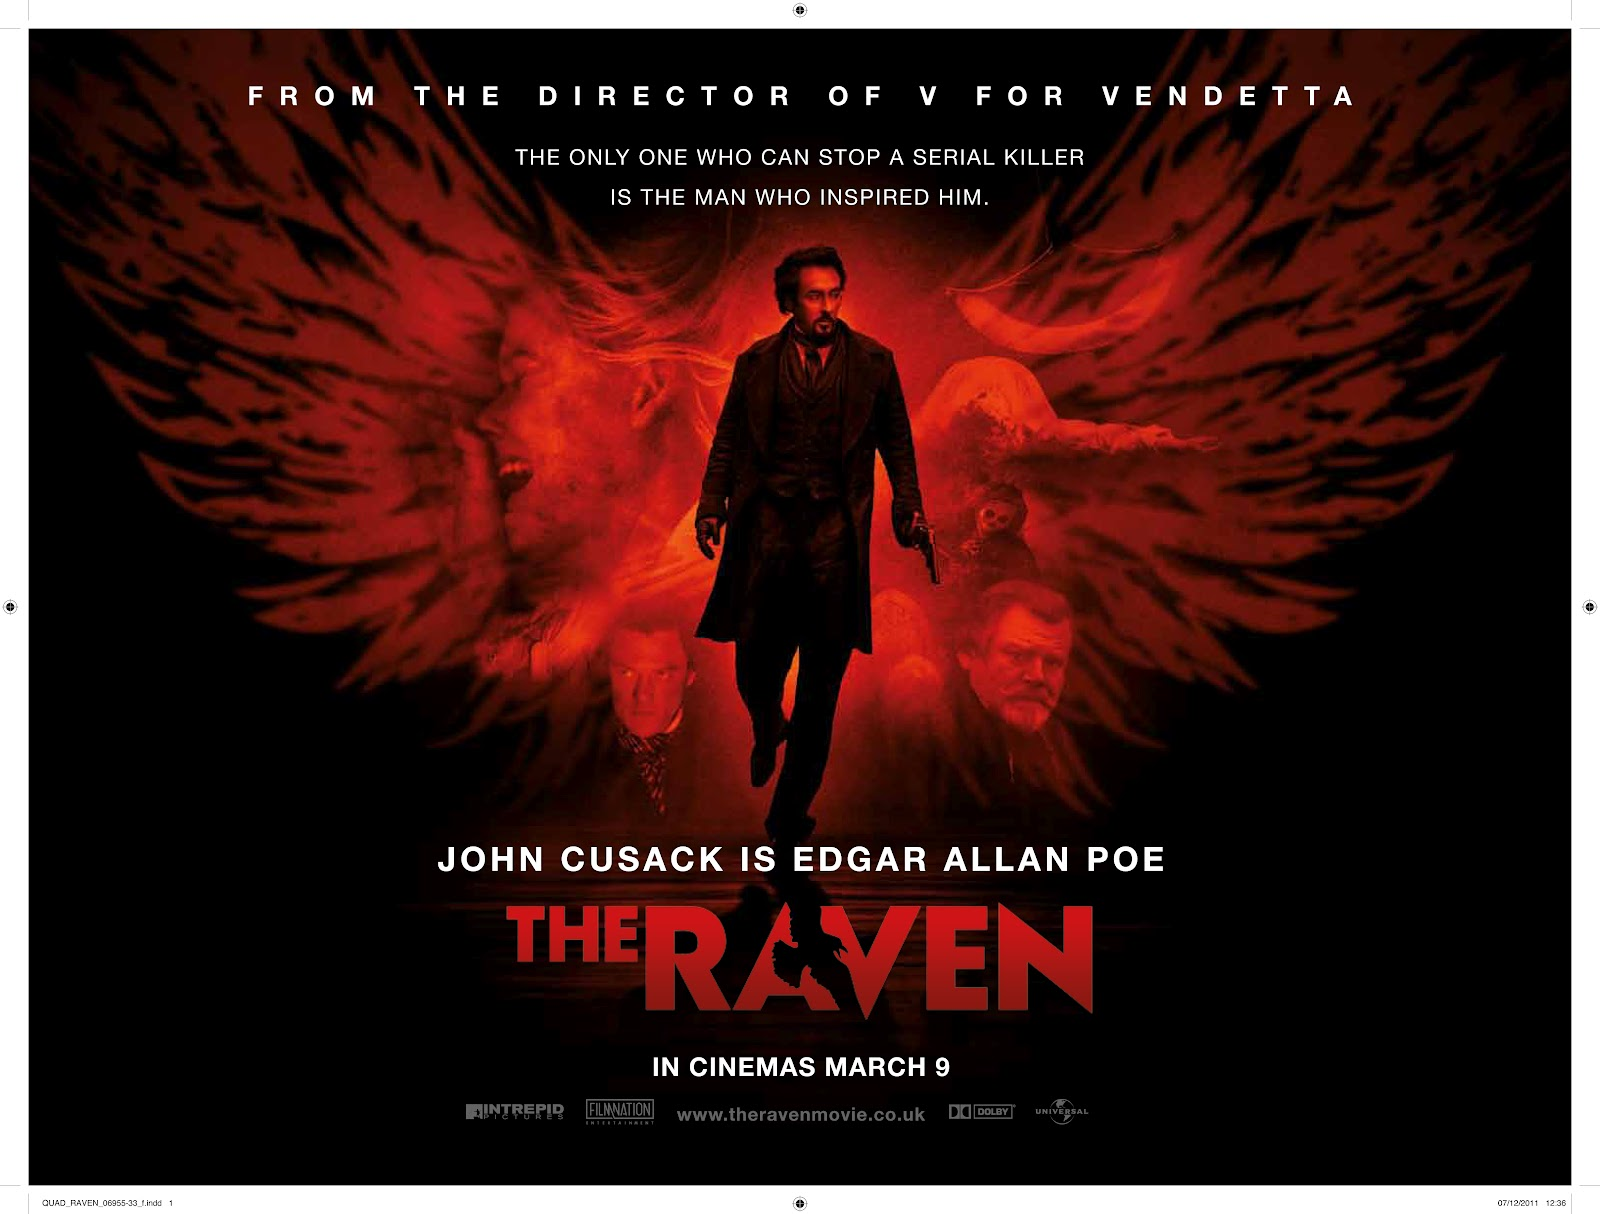 http://3.bp.blogspot.com/-tEKDtFz1WM4/T9S0XQh_kOI/AAAAAAAAAag/gy2zaeU7M48/s1600/The_Raven_HD_Wallpaper.jpg